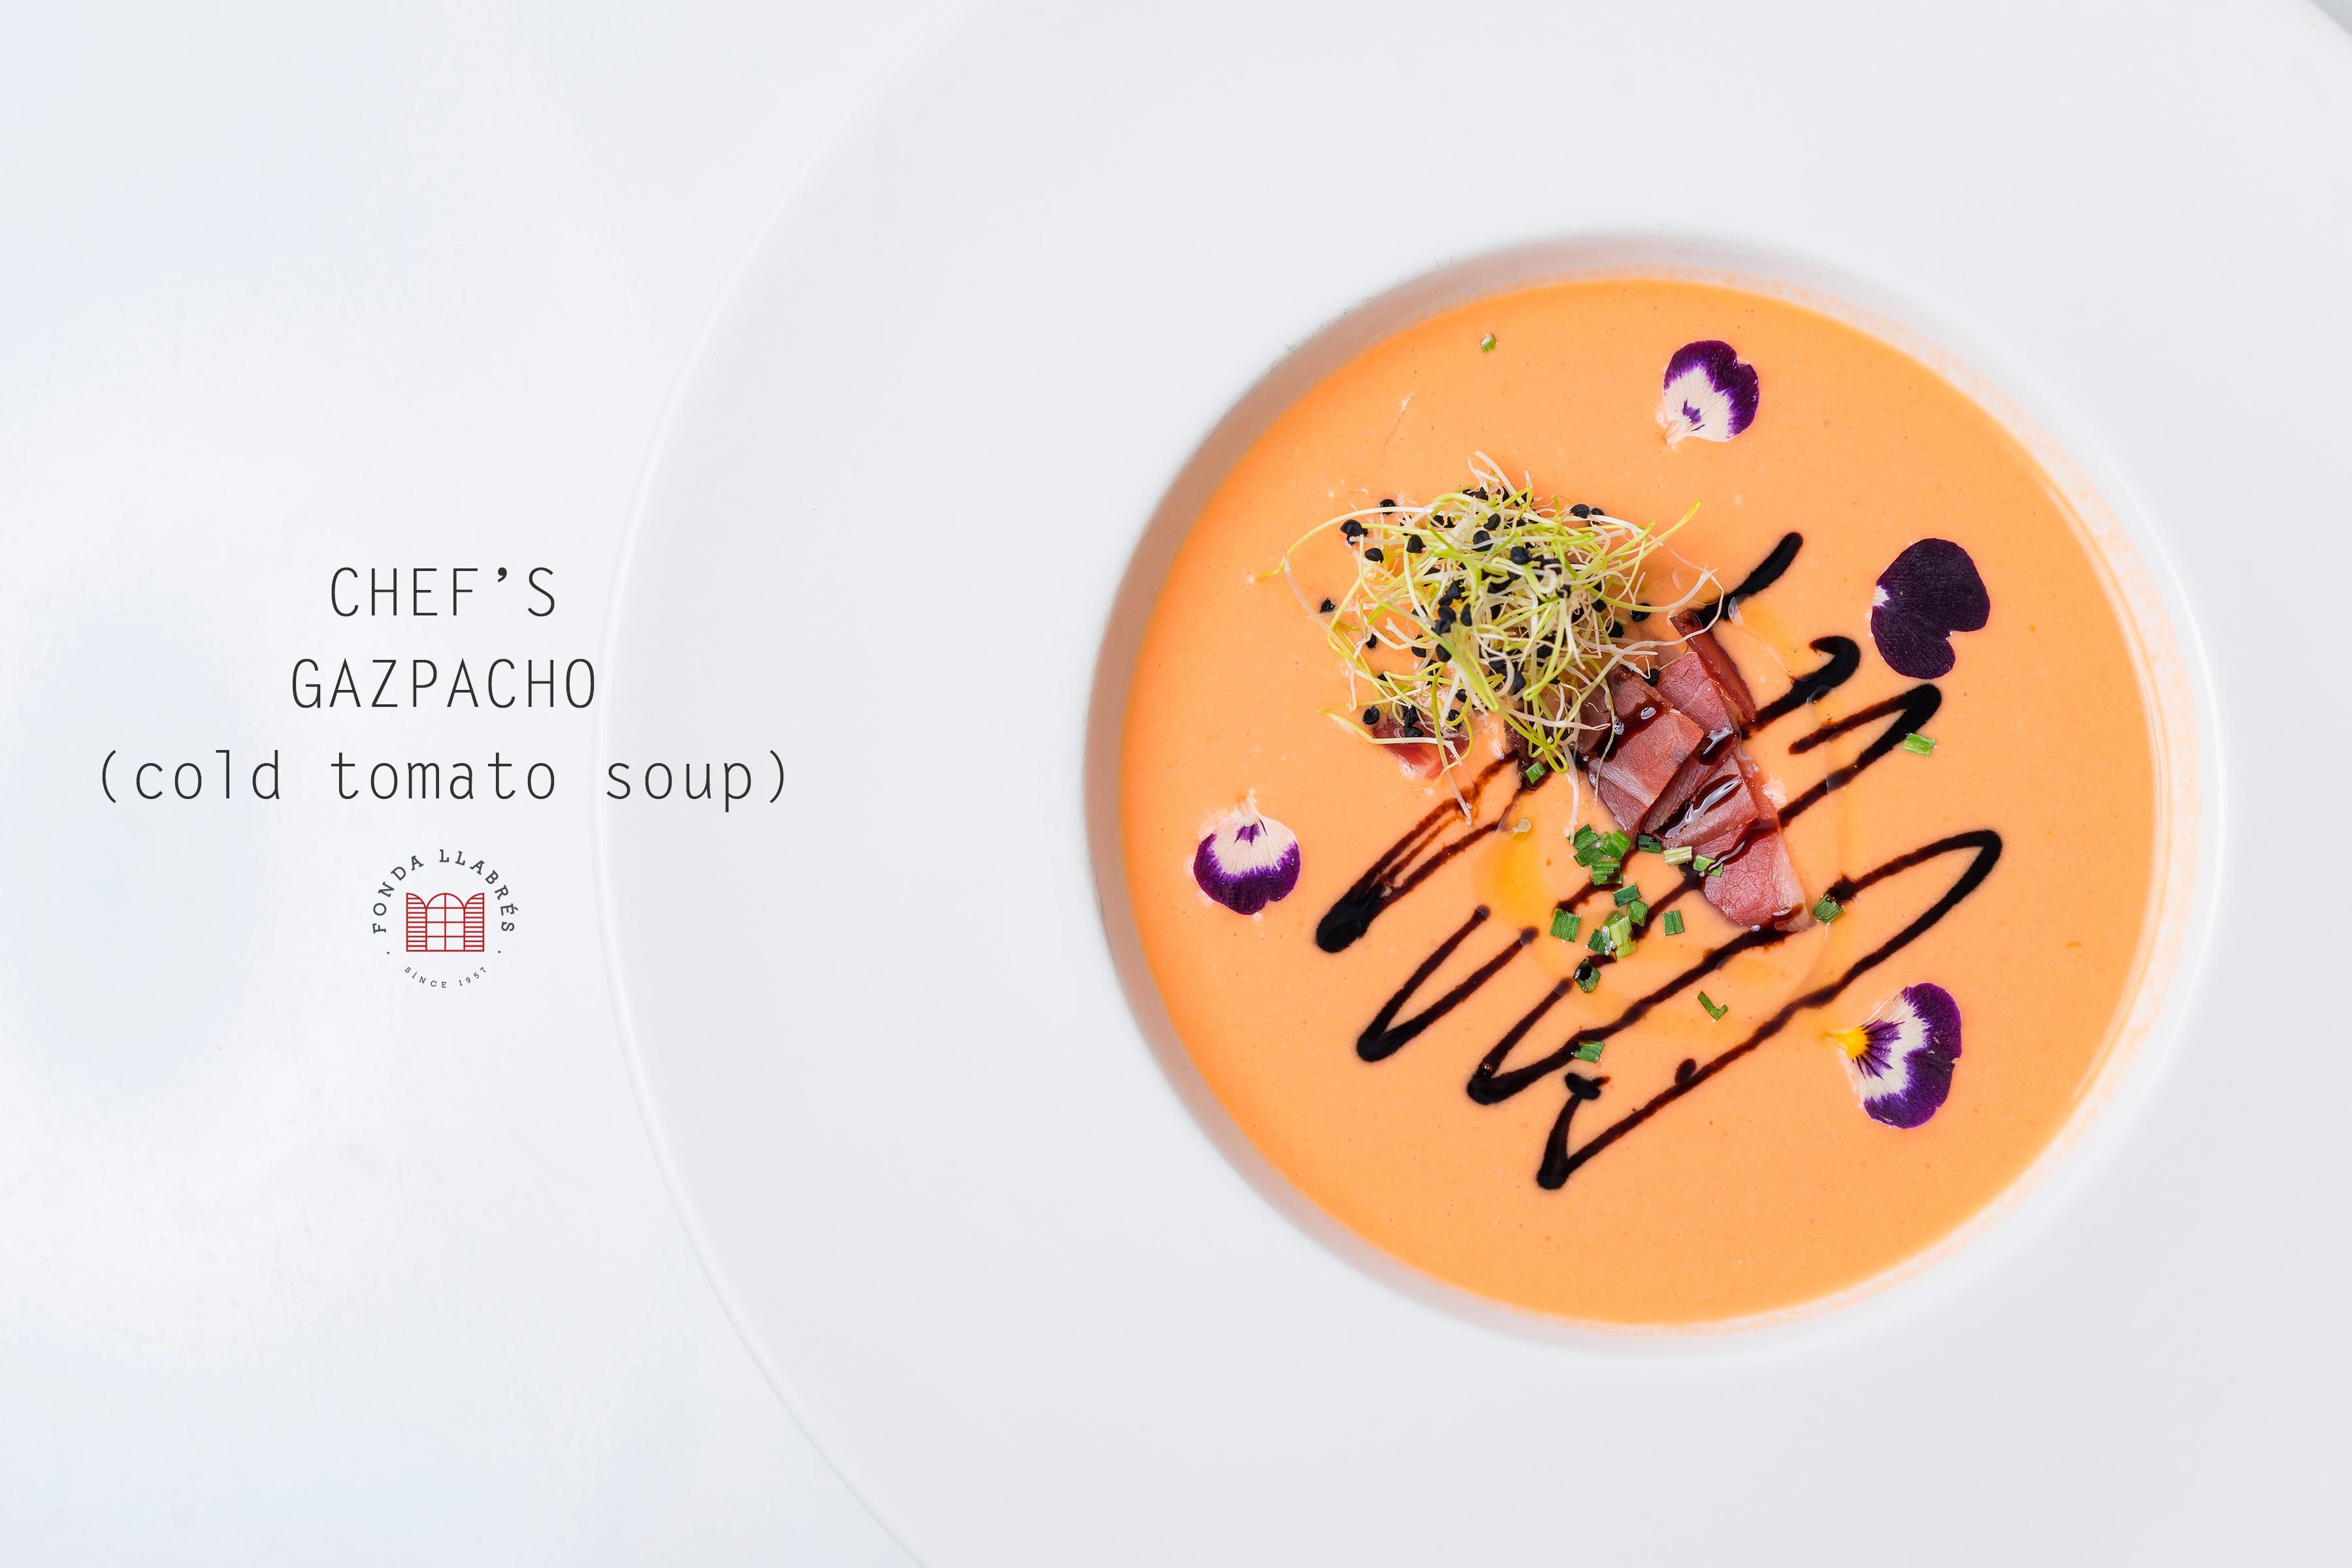 Gazpacho del Chef @fondallabres